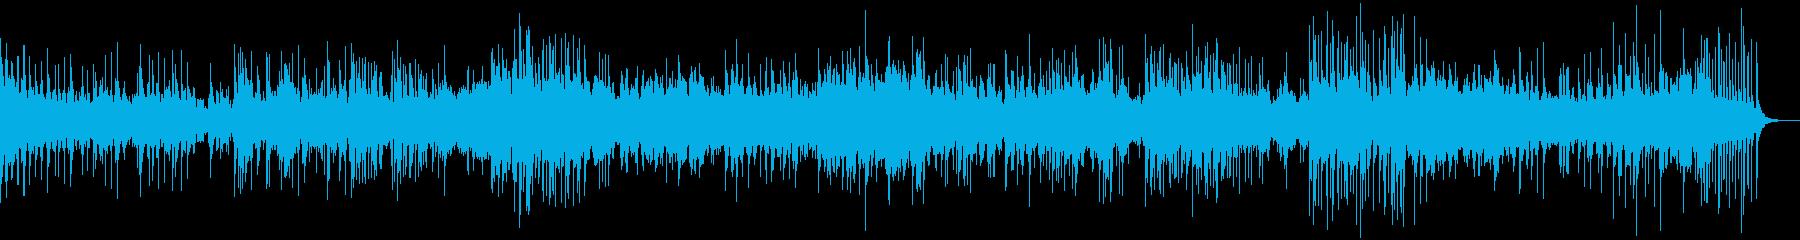 4分ソング 沖縄調 ゆったりした三線の再生済みの波形